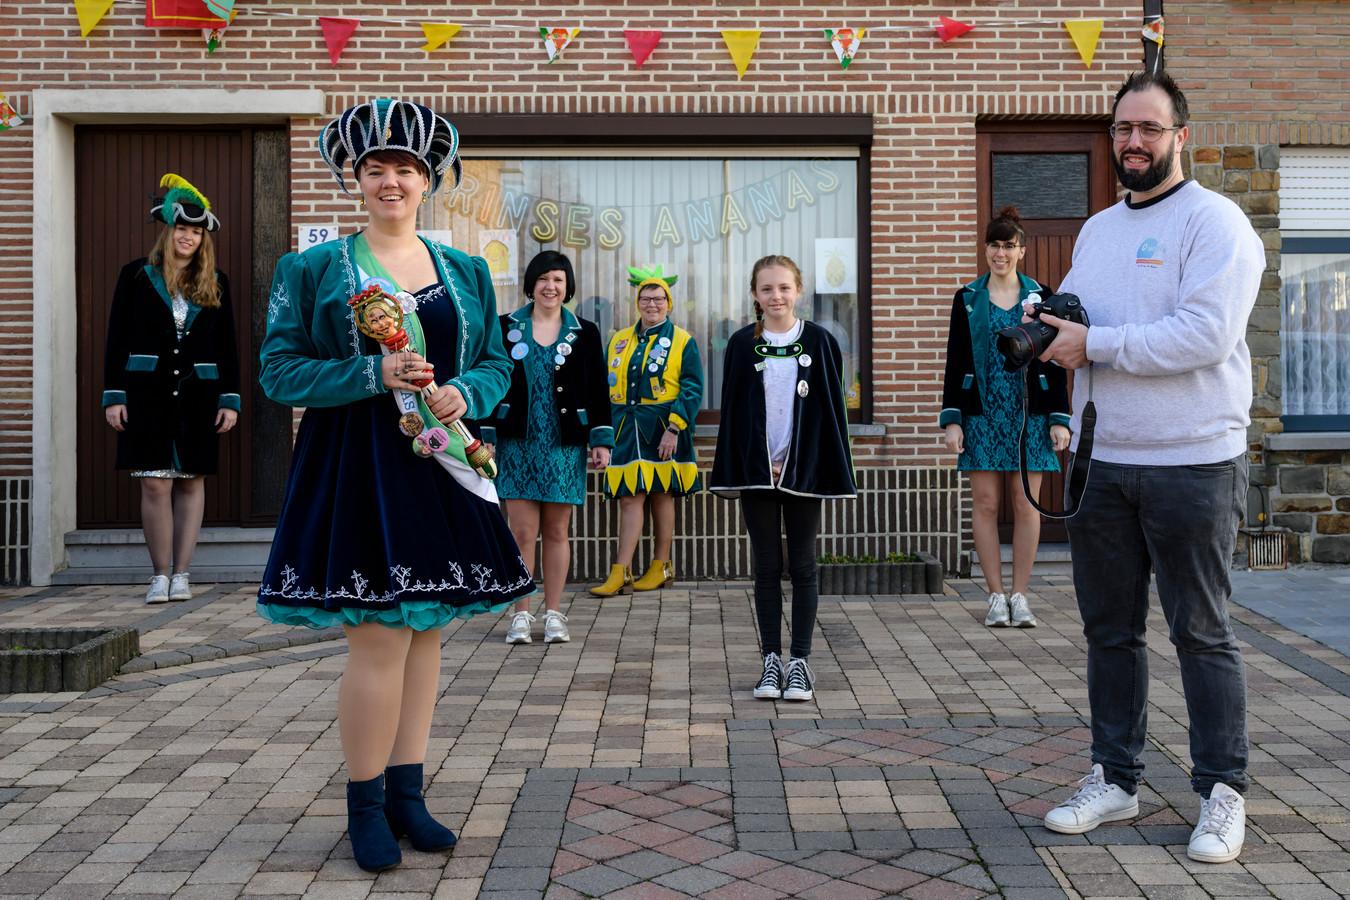 Marijn kon ook prinses carnaval strikken om op de foto te gaan.